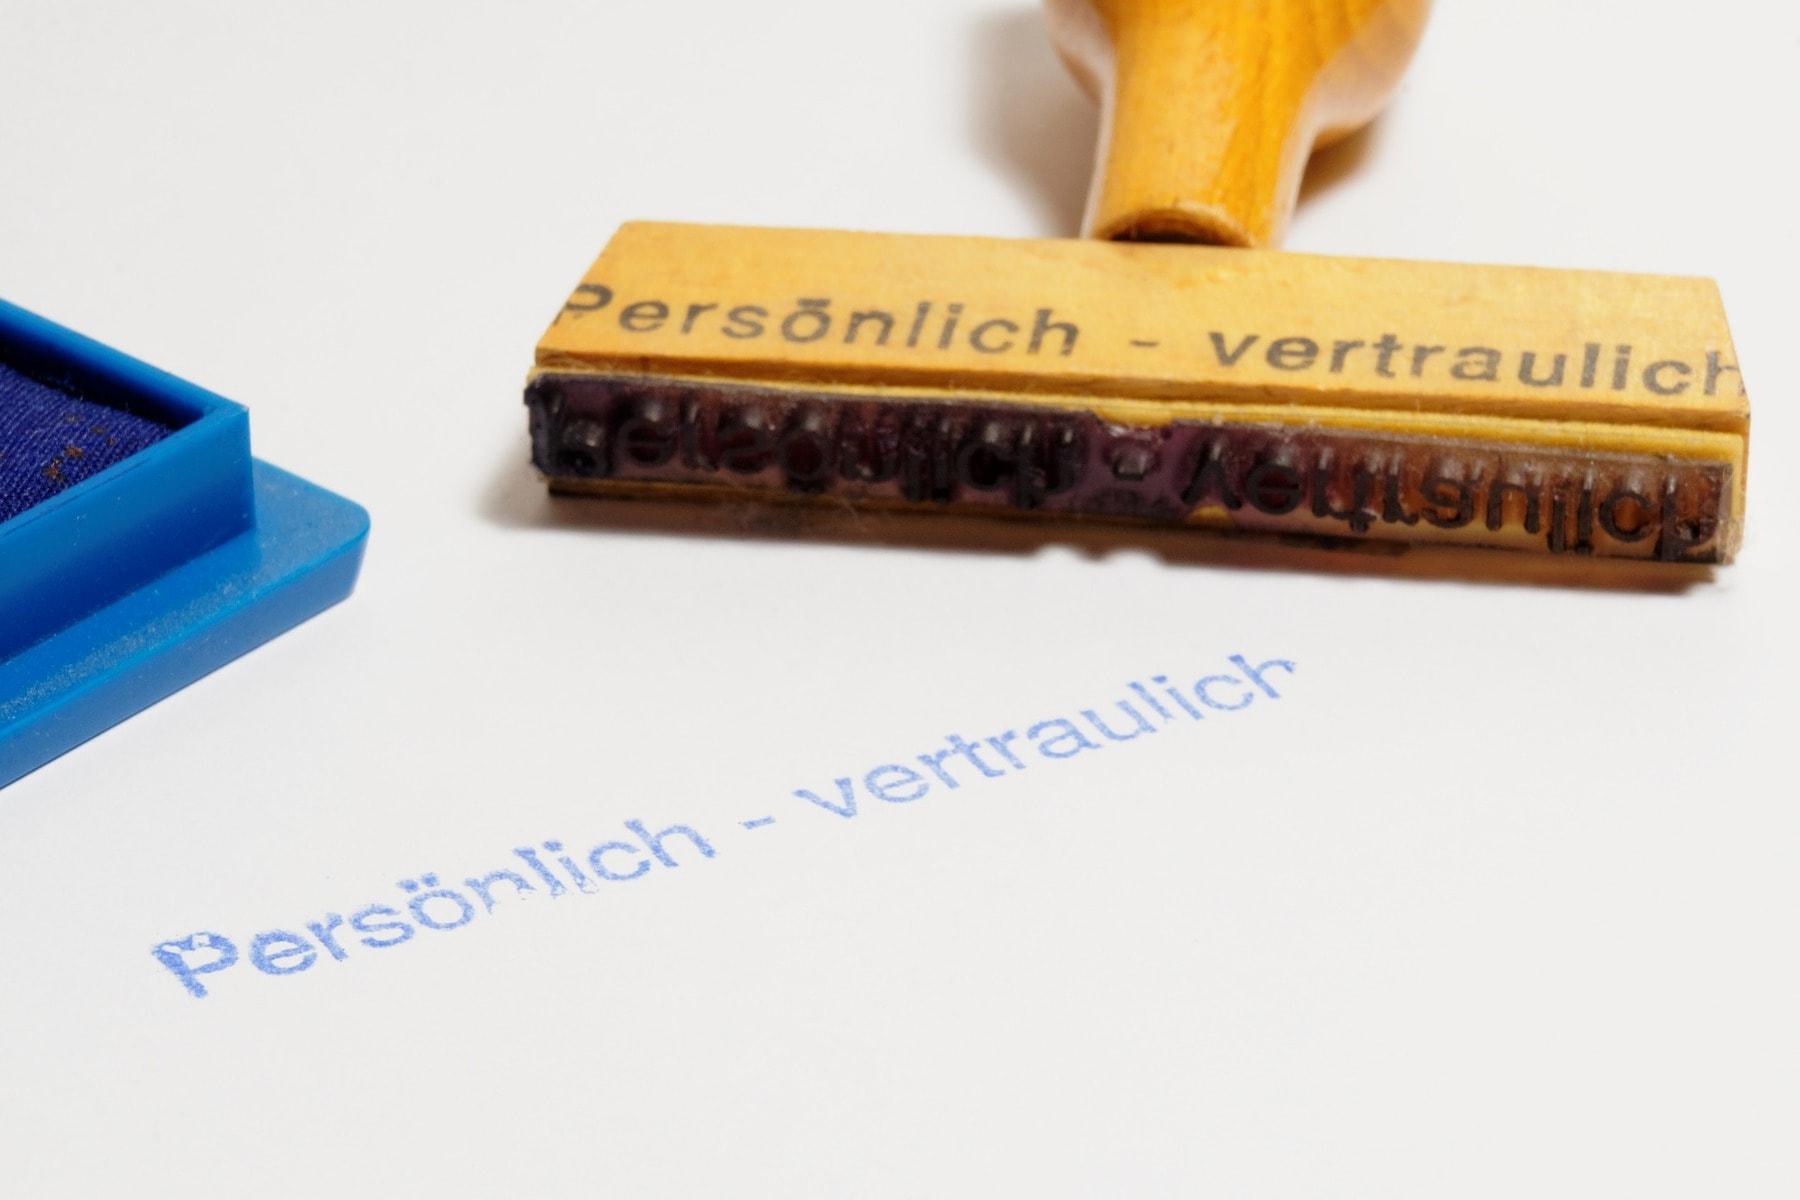 BMI-Referentenentwurf Auf Rechtspopulistischer Plattform Geleaked